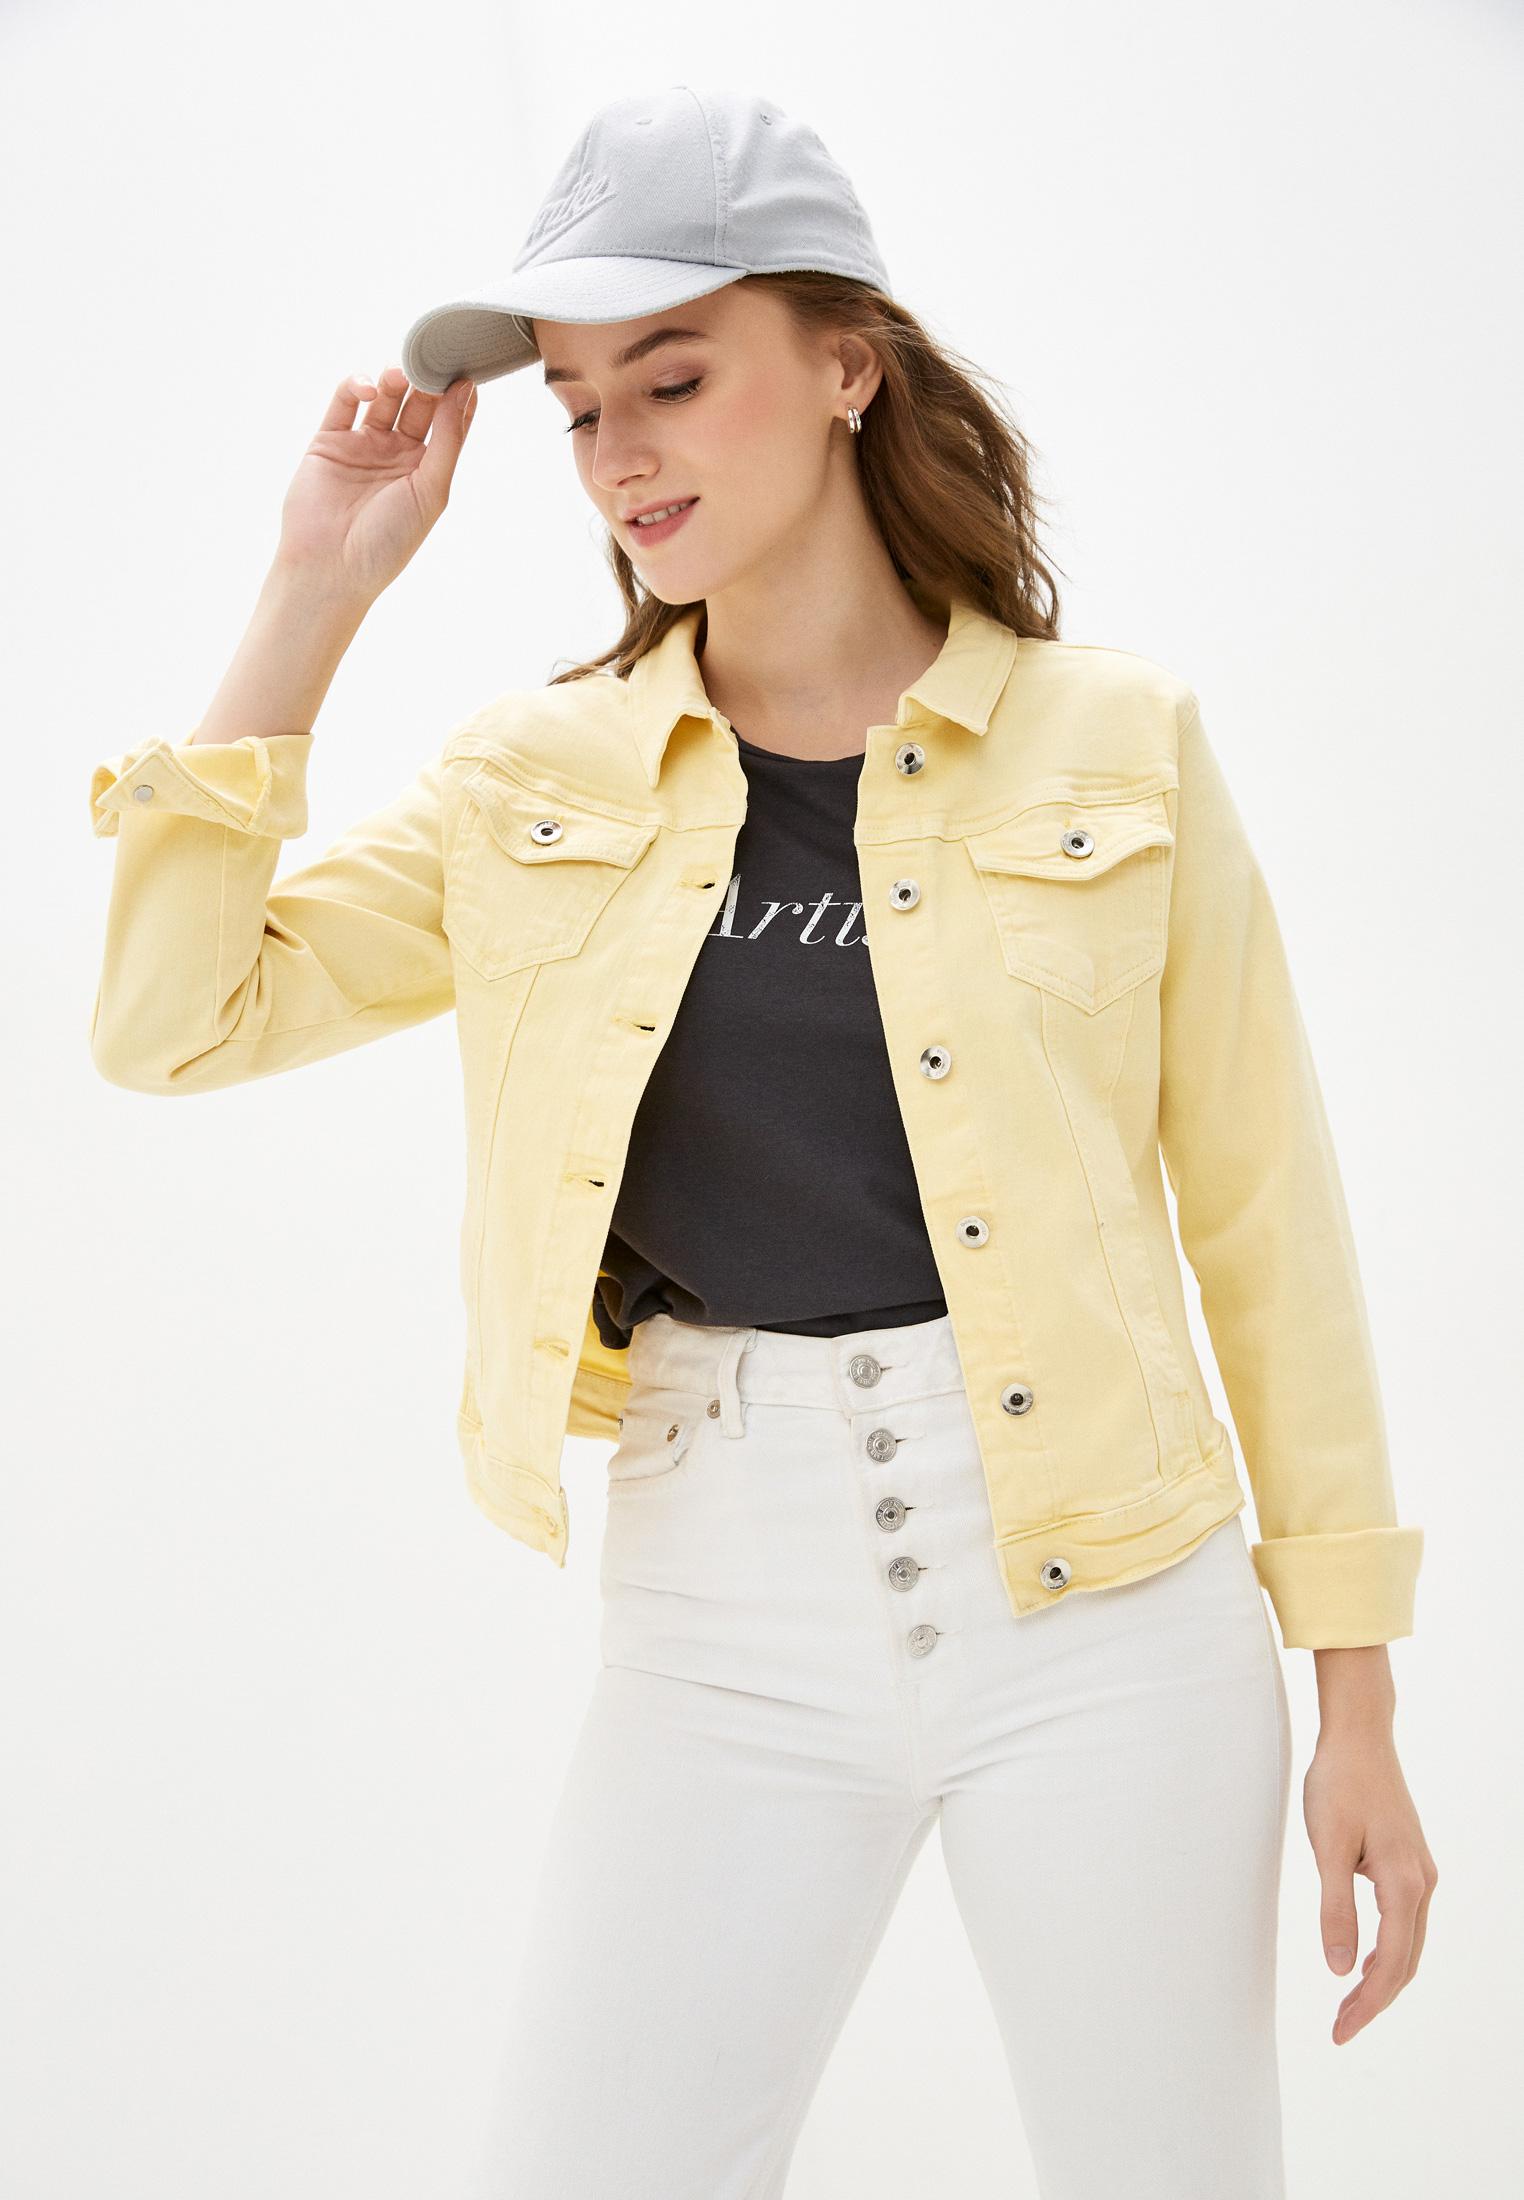 Джинсовая куртка Softy Куртка джинсовая Softy